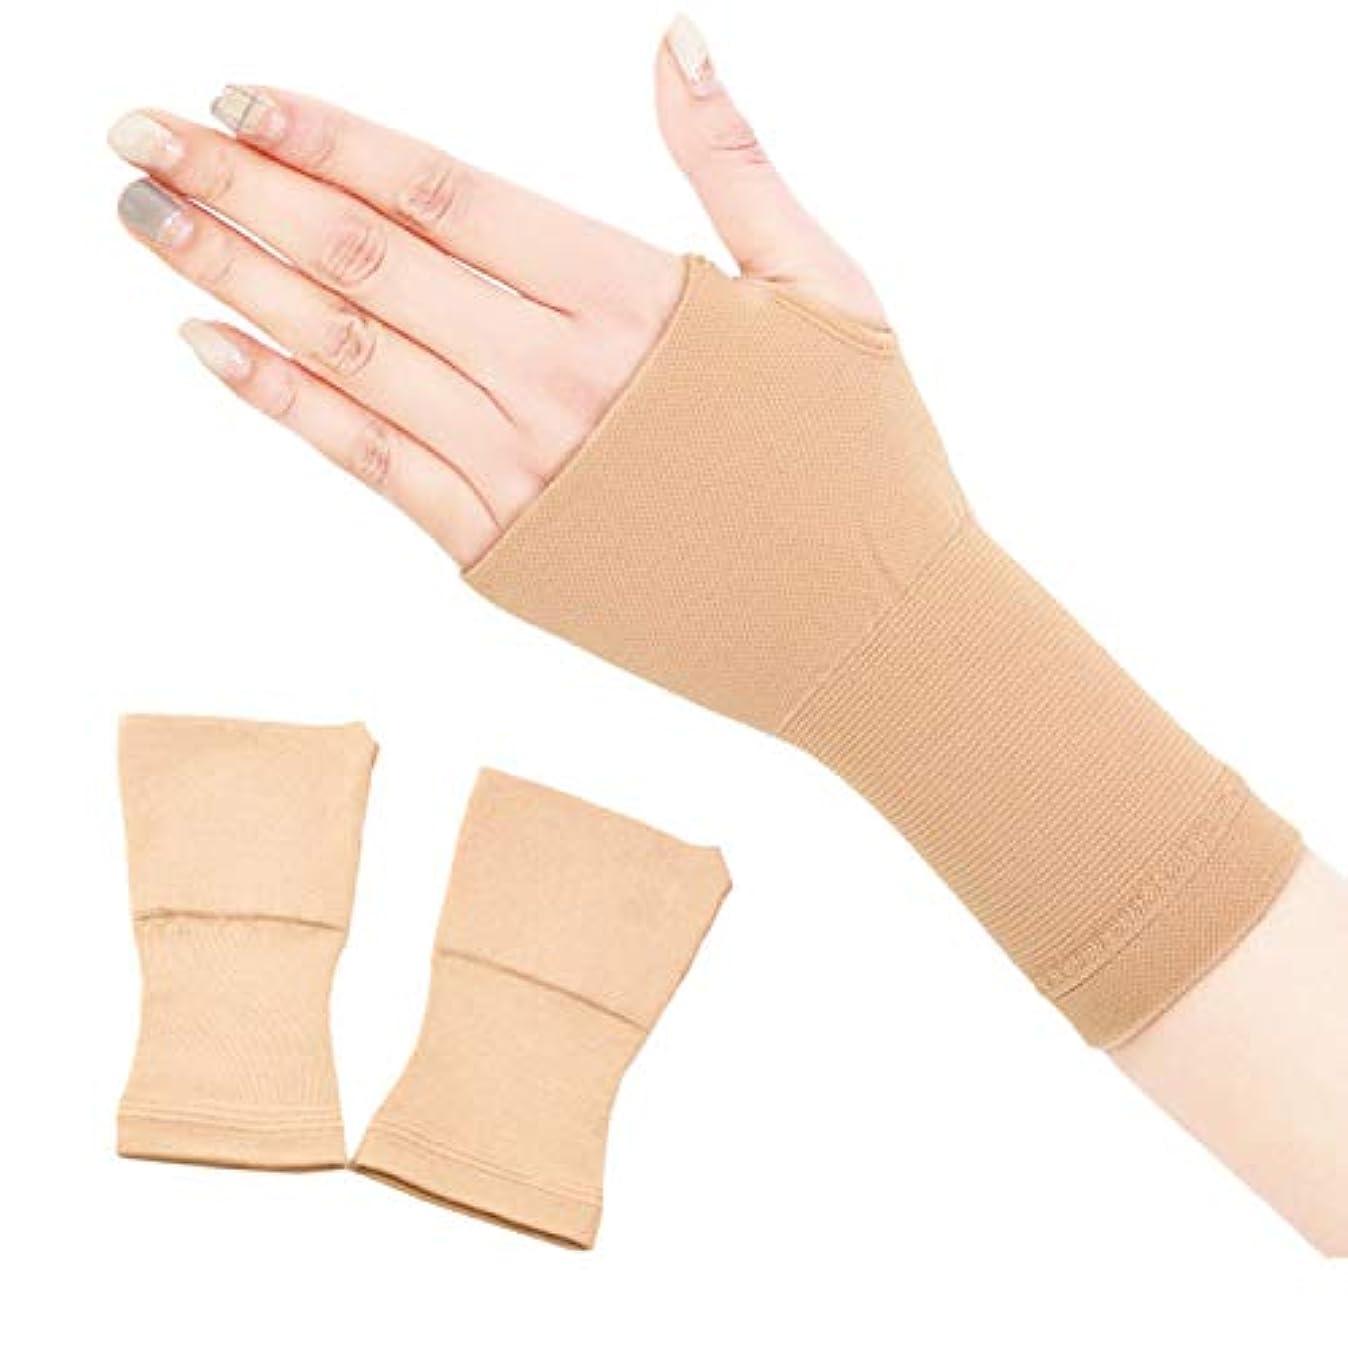 巨大な法律億関節痛のための2個の手首サポート手首ラップブレース手根管腱鞘炎圧縮弾性ソフト加リストバンドグレート,L